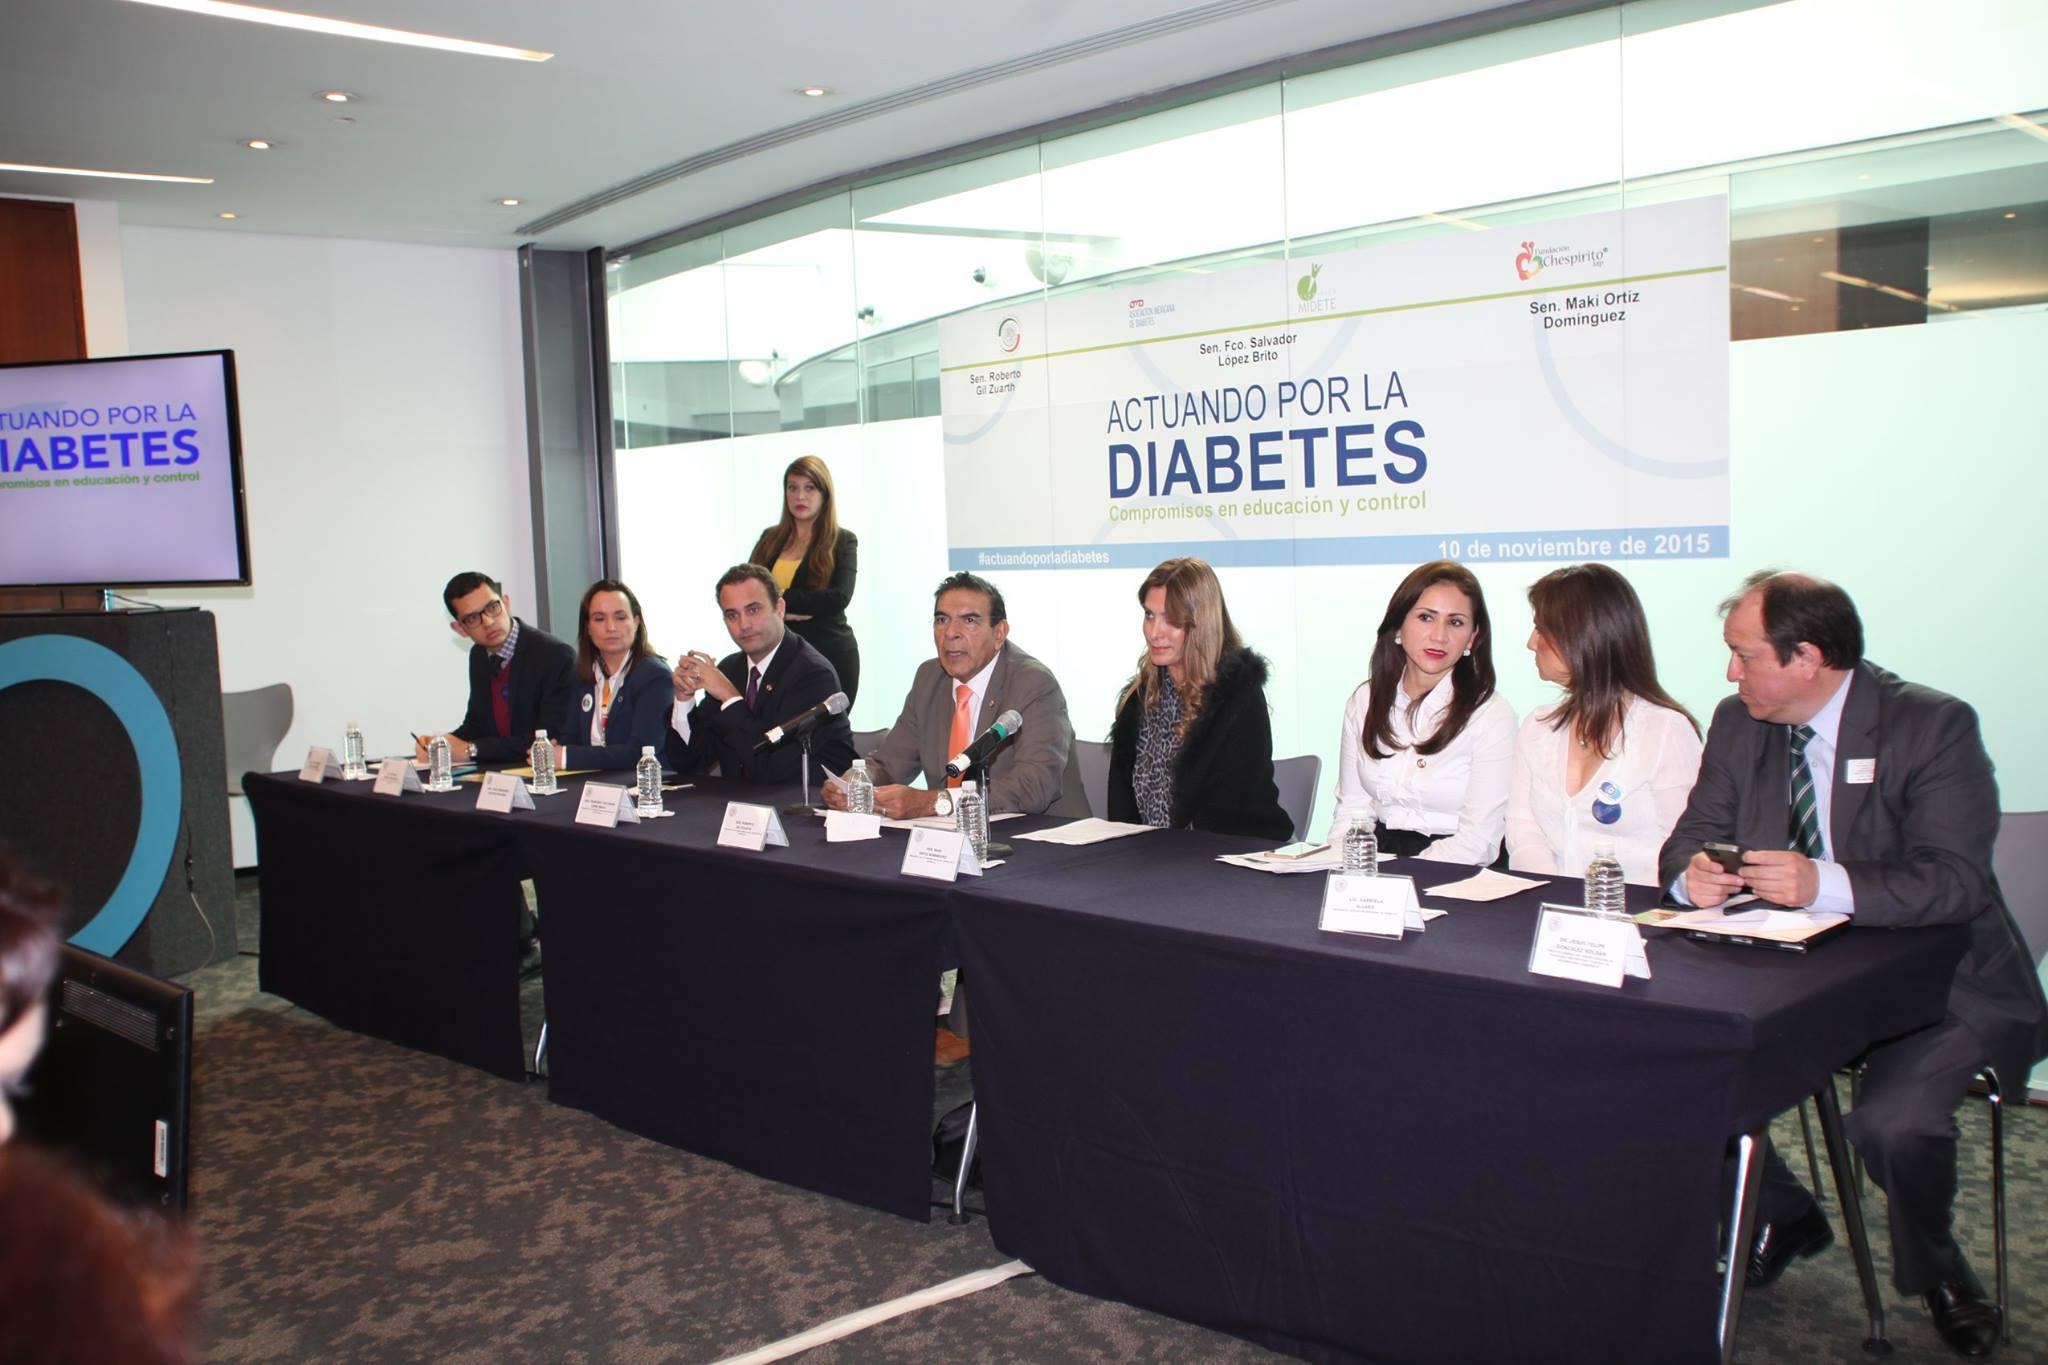 Primer Jornada de salud enfocada en diabetes en el Senado, iniciativa impulsada por la FMD